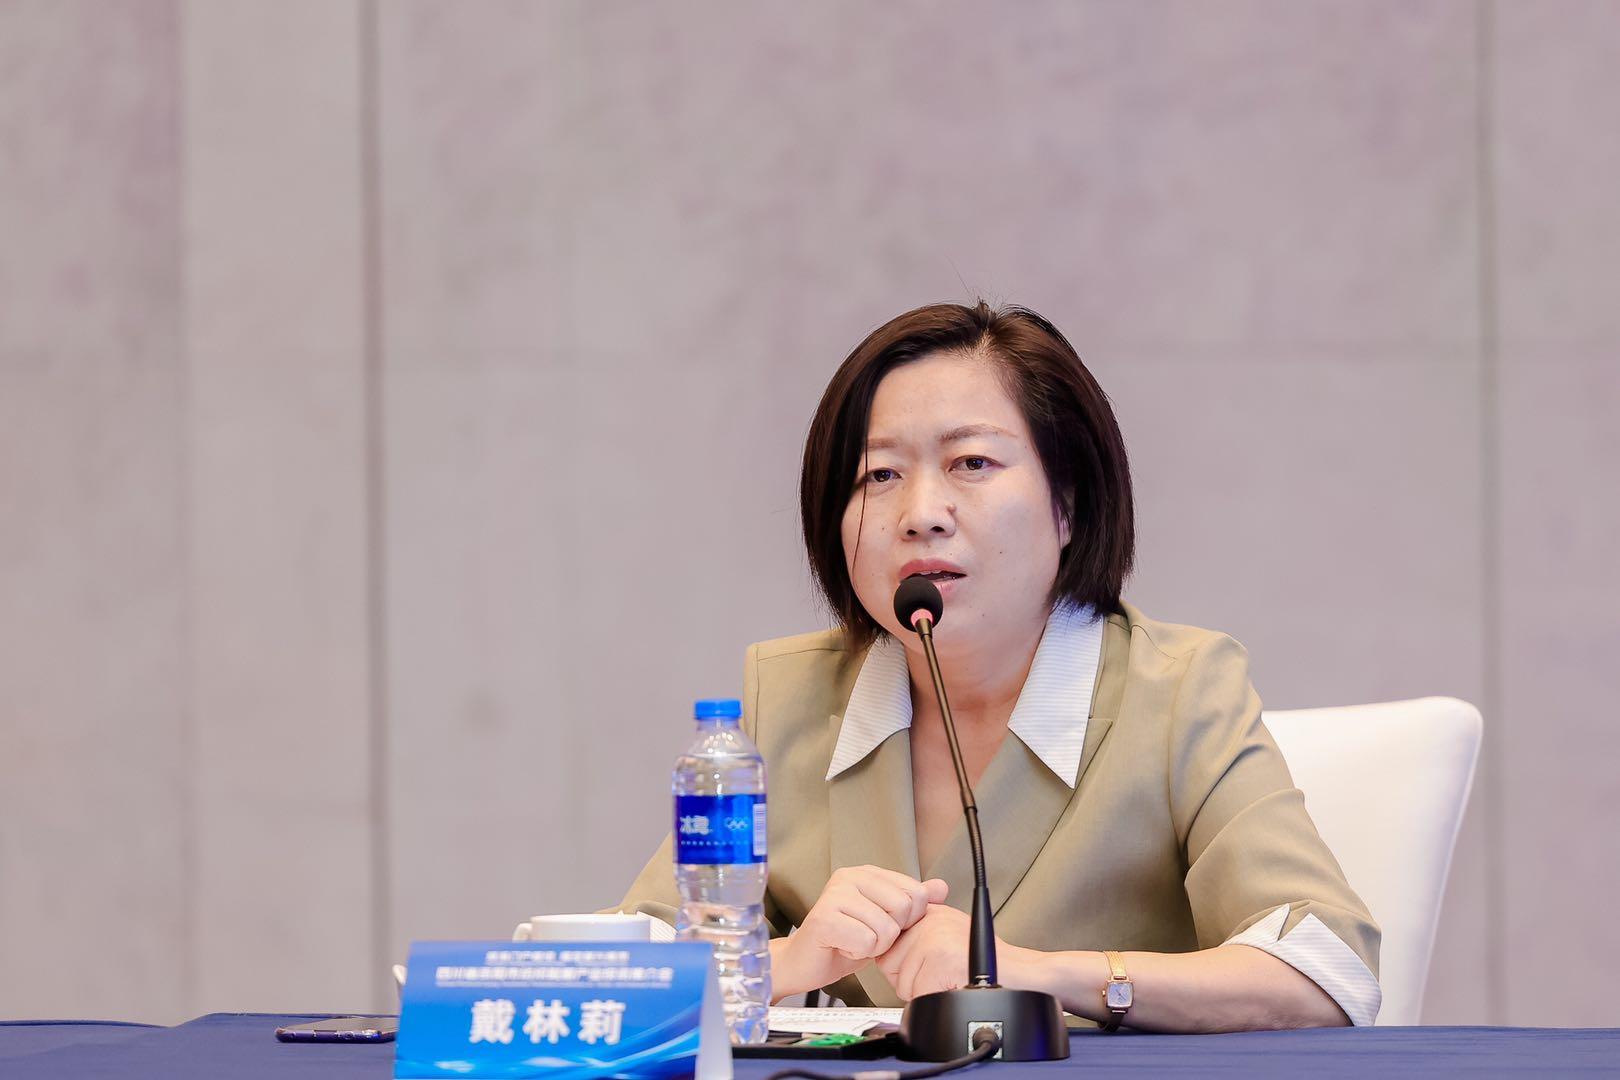 四川省资阳市纺织鞋服产业投资推介会在晋江市举行